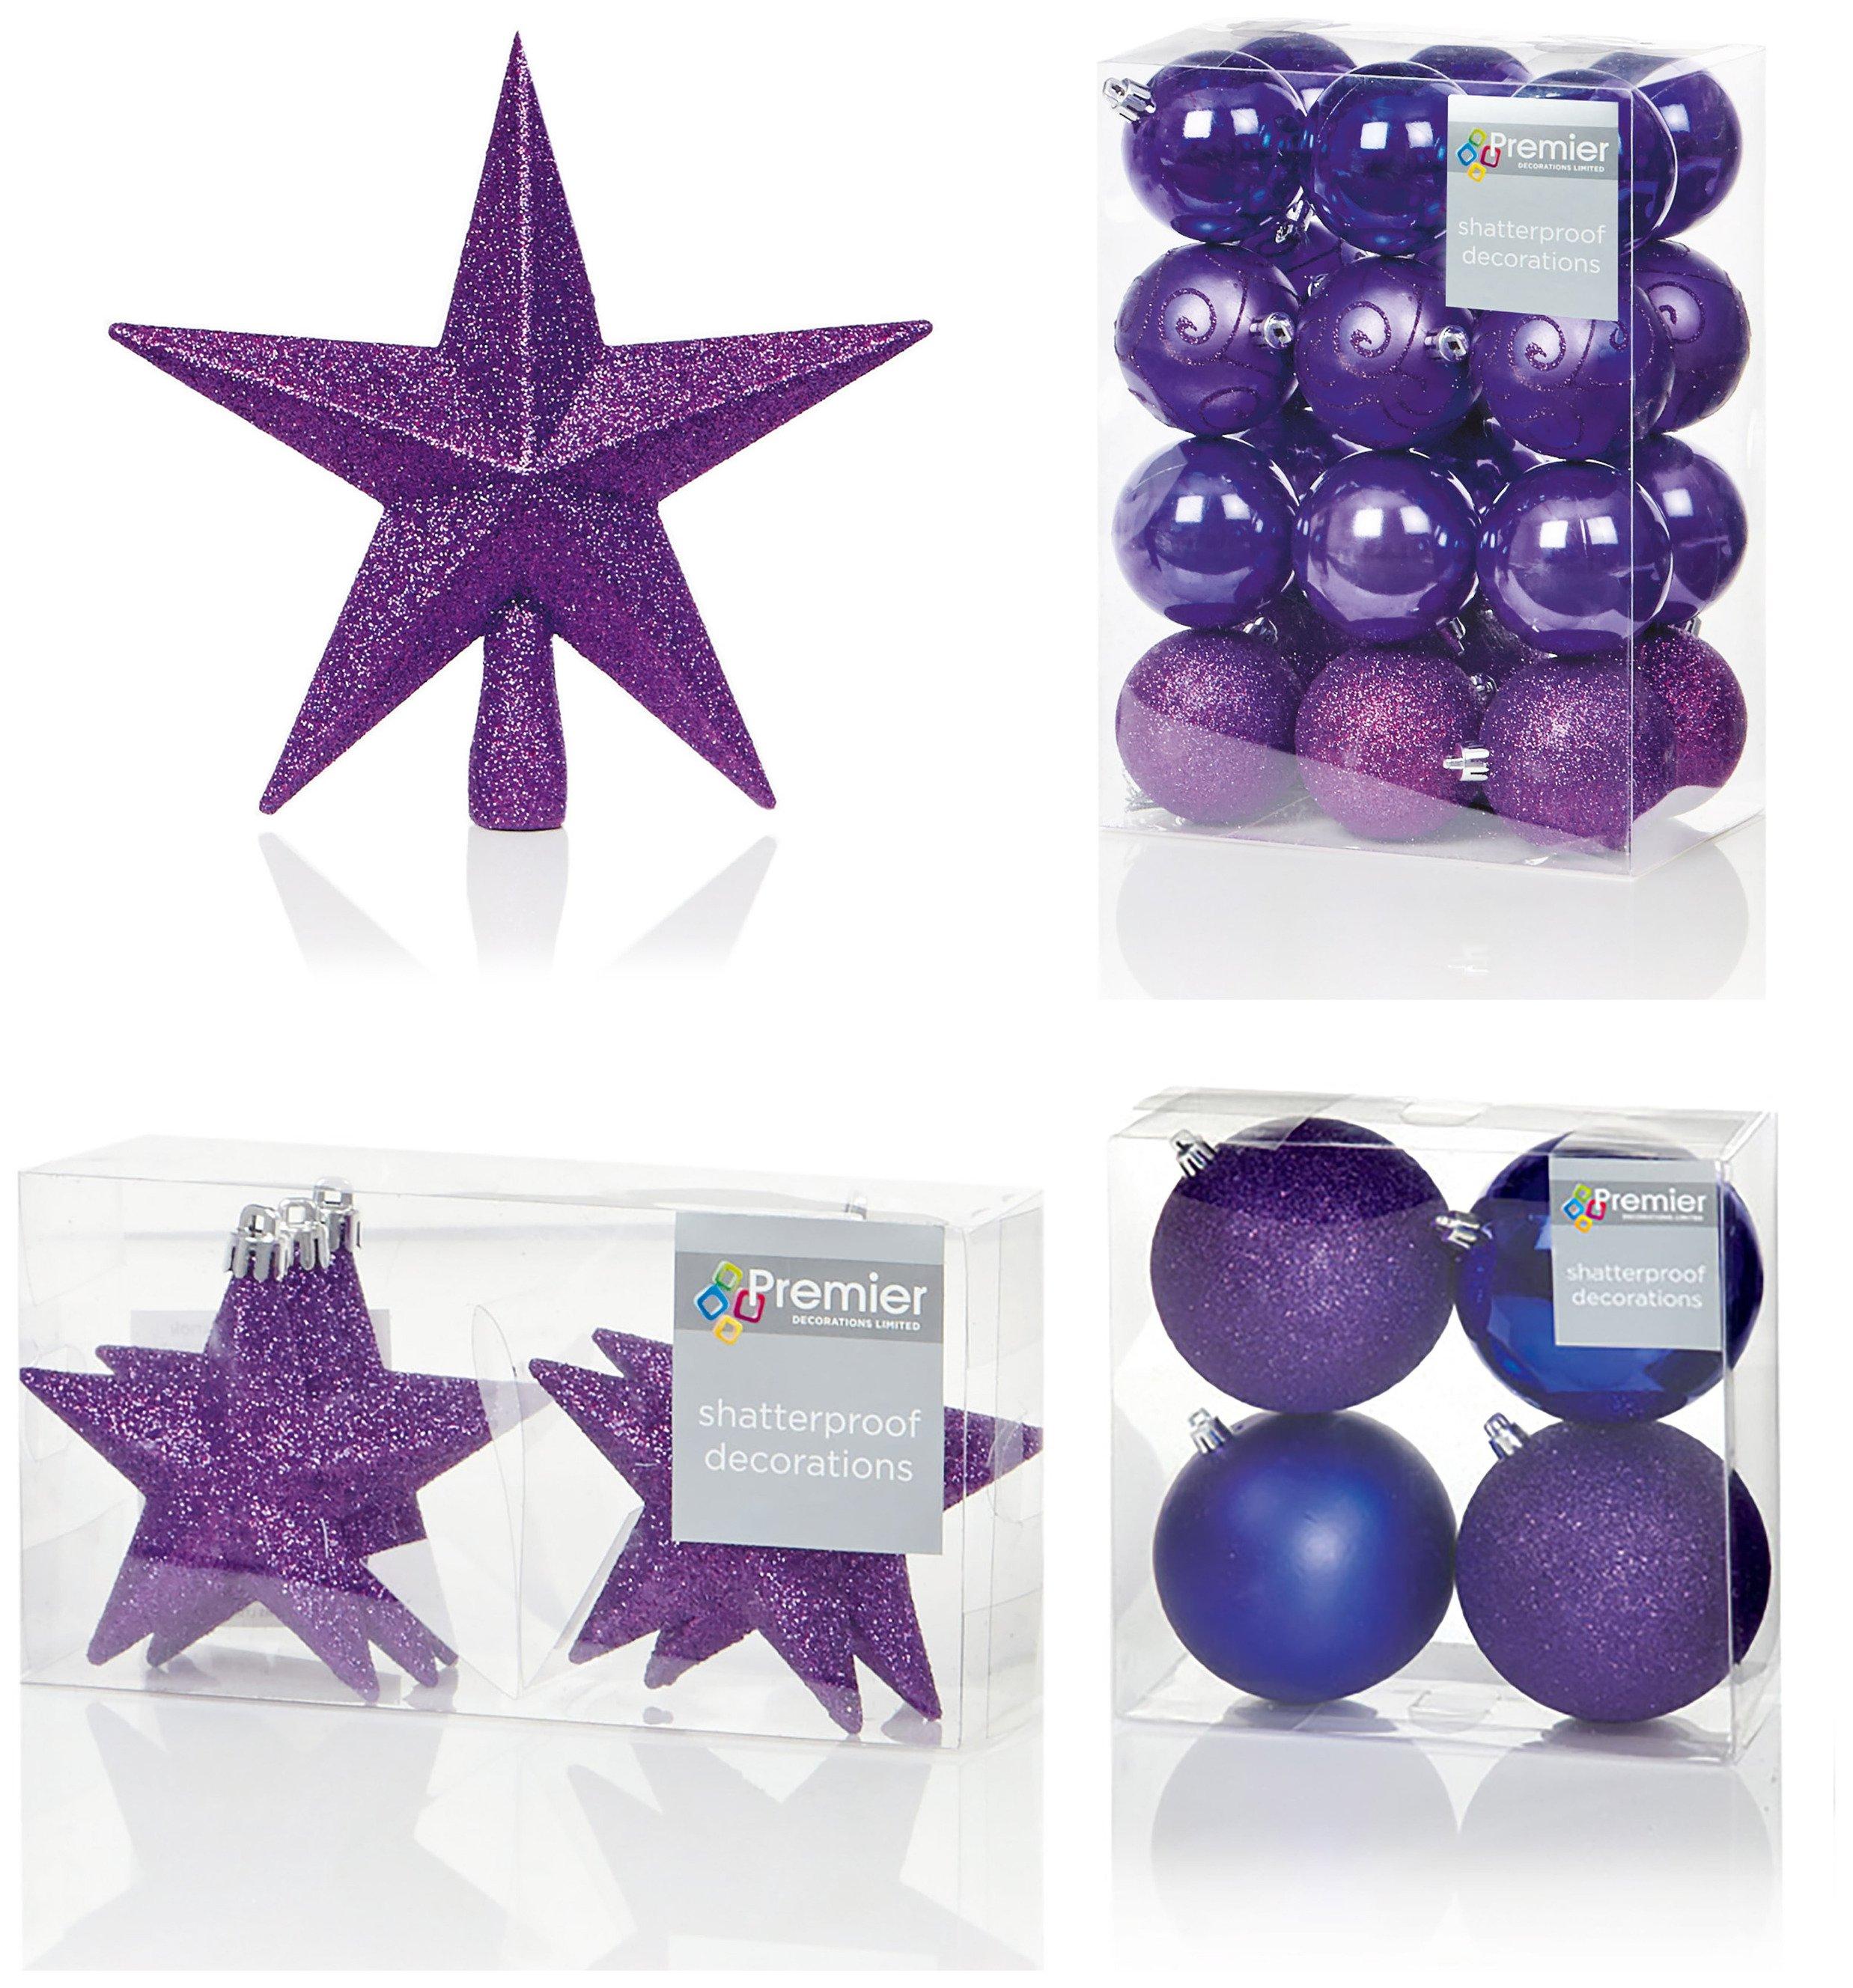 Premier Decorations - 35 Piece Luxury Decoration Set - Purple